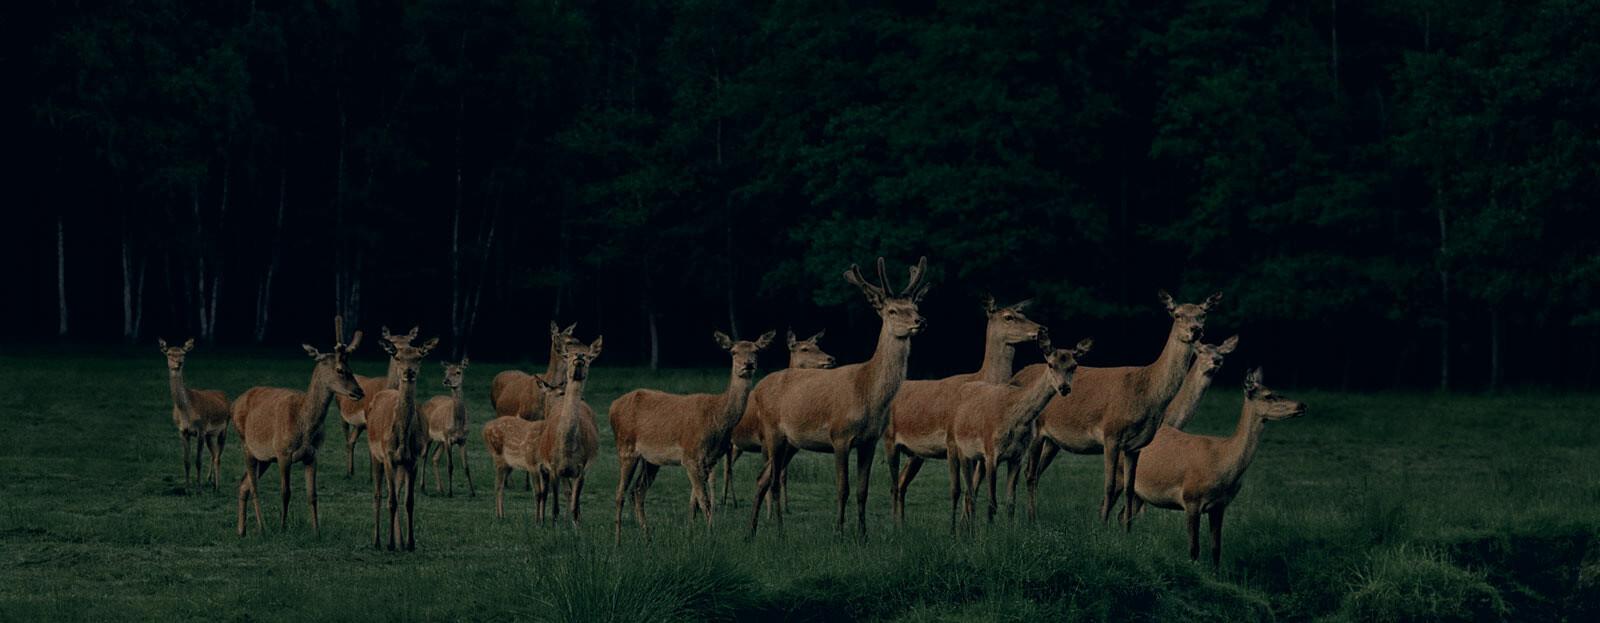 Pride of Deer #2 - Frank Stoeckel